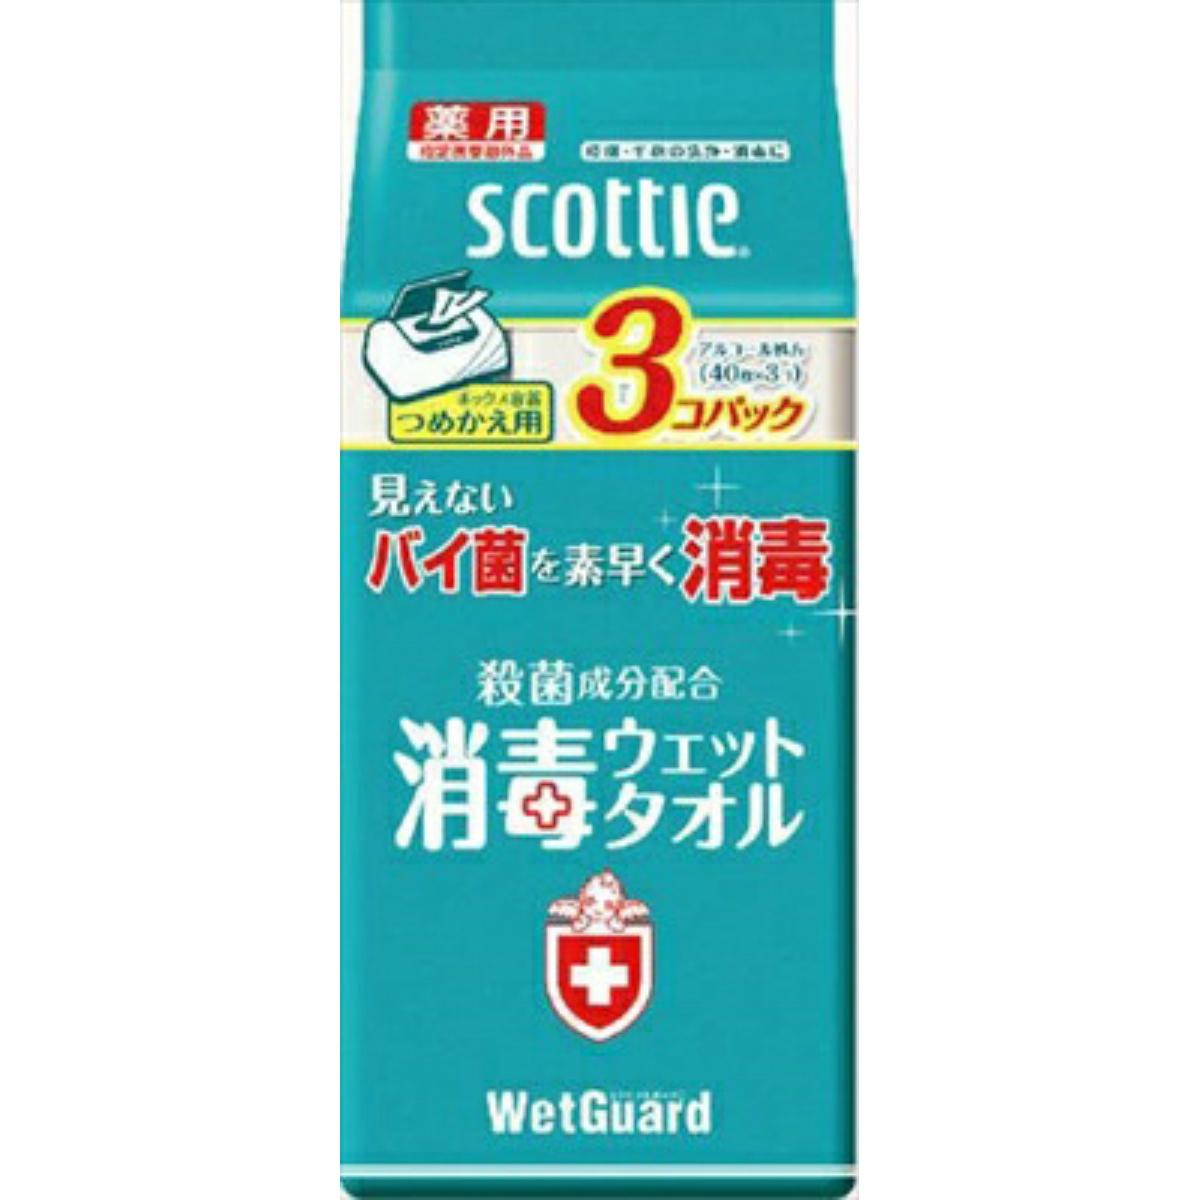 殺菌成分配合の消毒ウェットタオル クレシア おトク 卸売り スコッティ 薬用 消毒ウェットタオル つめかえ用 ウェットガード ボックス 40枚 3コパック